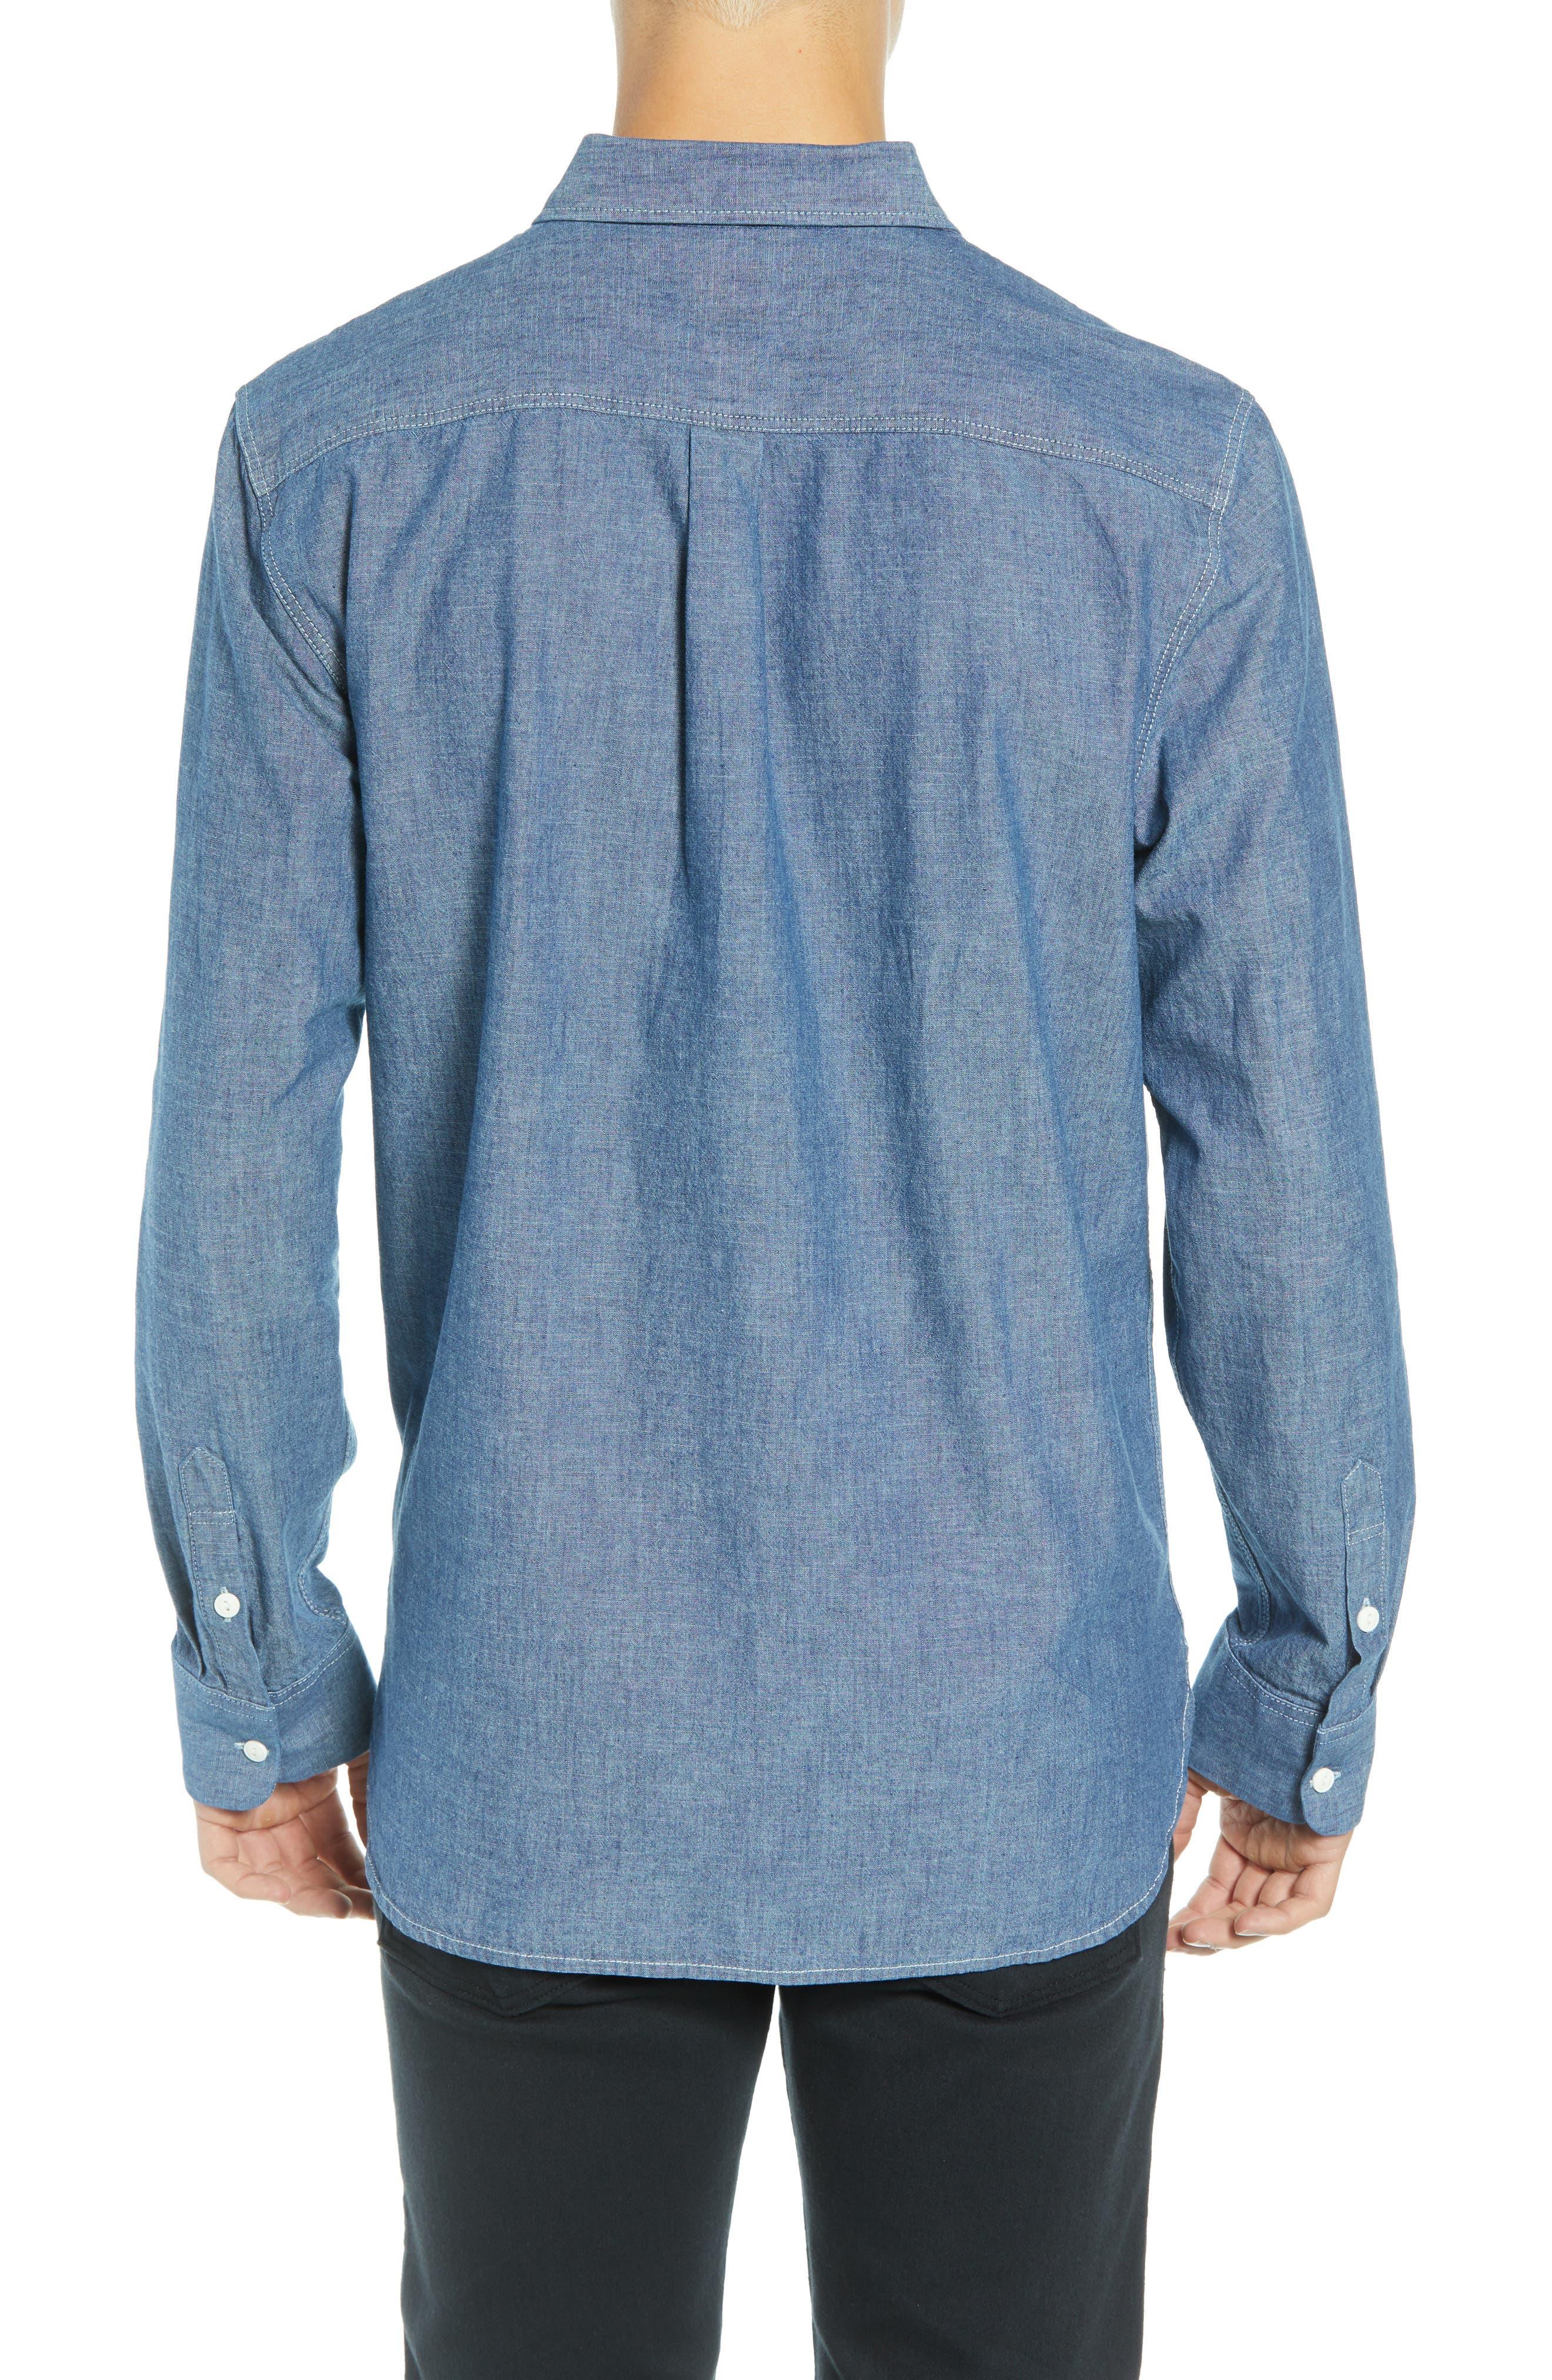 Carlow Chambray Shirt,                             Alternate thumbnail 3, color,                             INDIGO CHAMBRAY